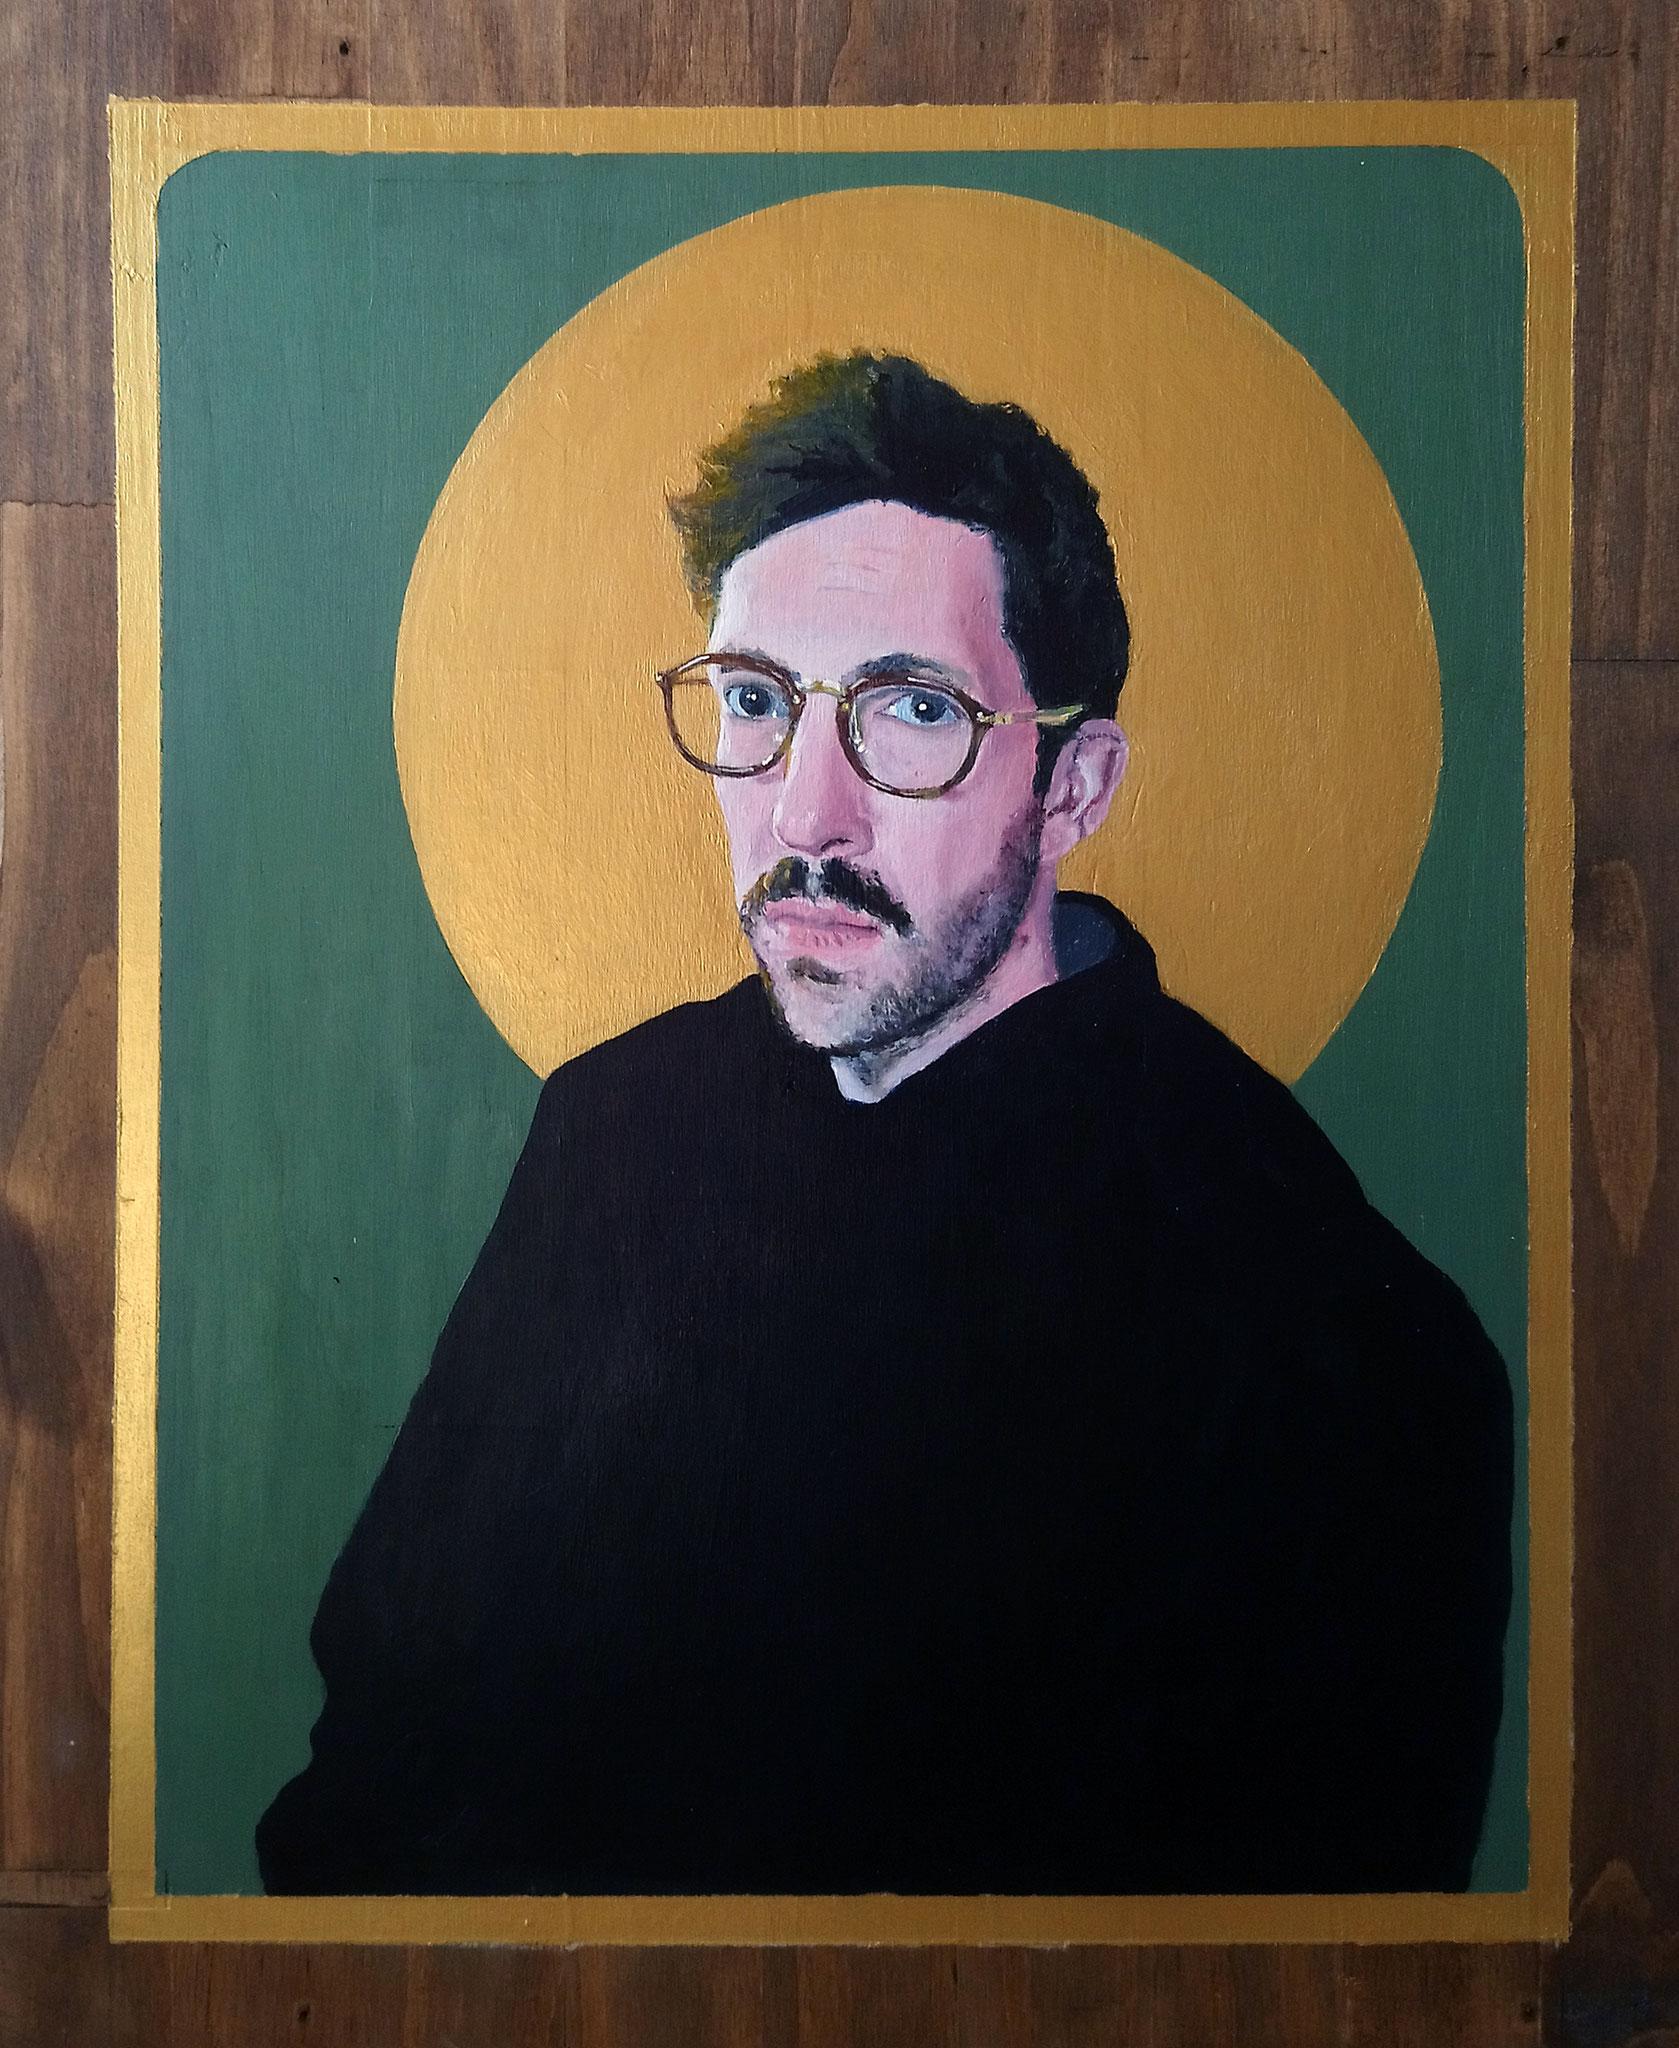 Fabien Gilles, Sacralité, 39,5 cm x 48 cm,acrylique sur bois, 2020.